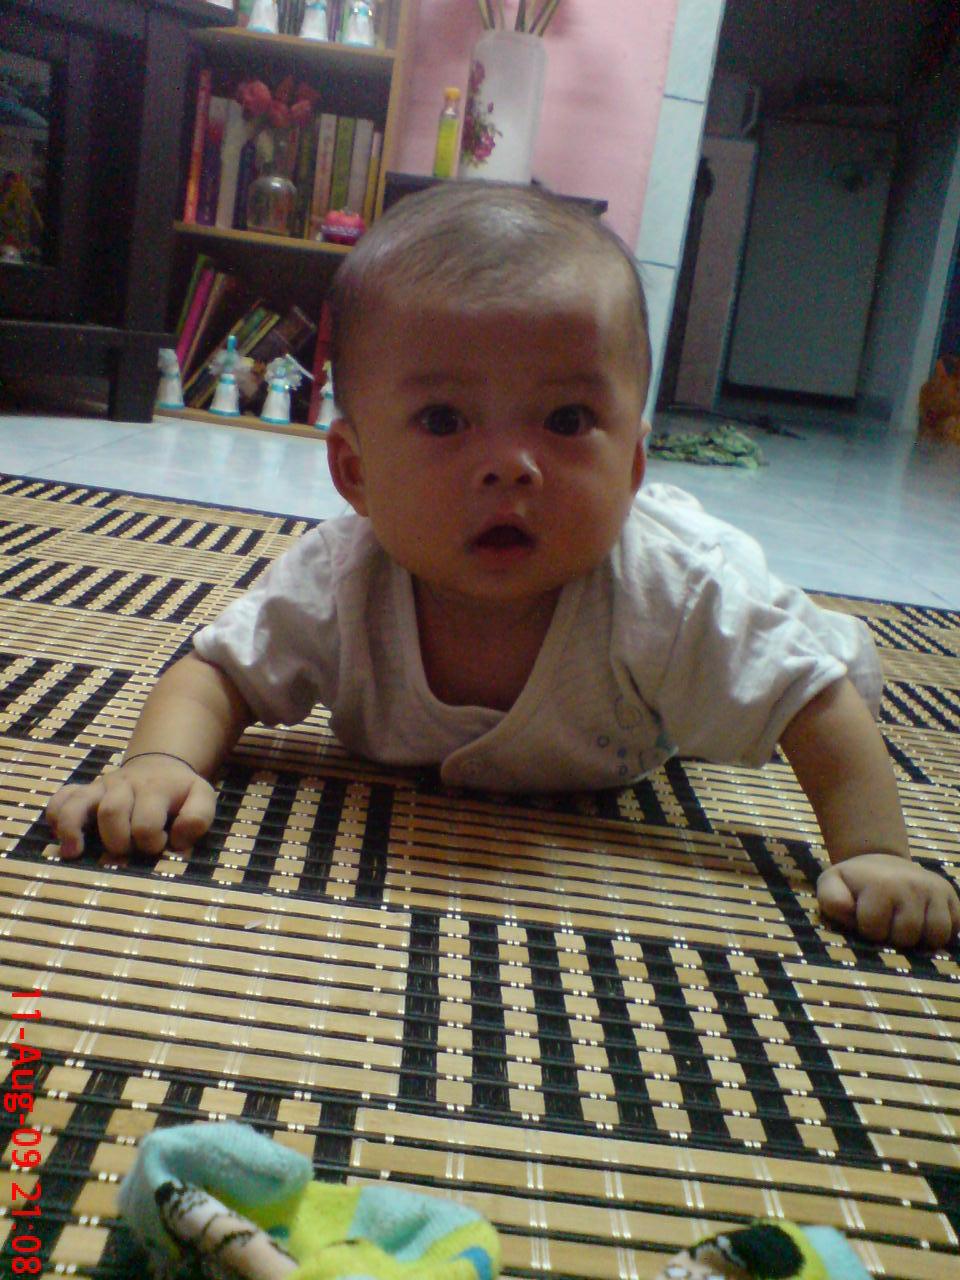 Anas - 7 months (6.7 kg)